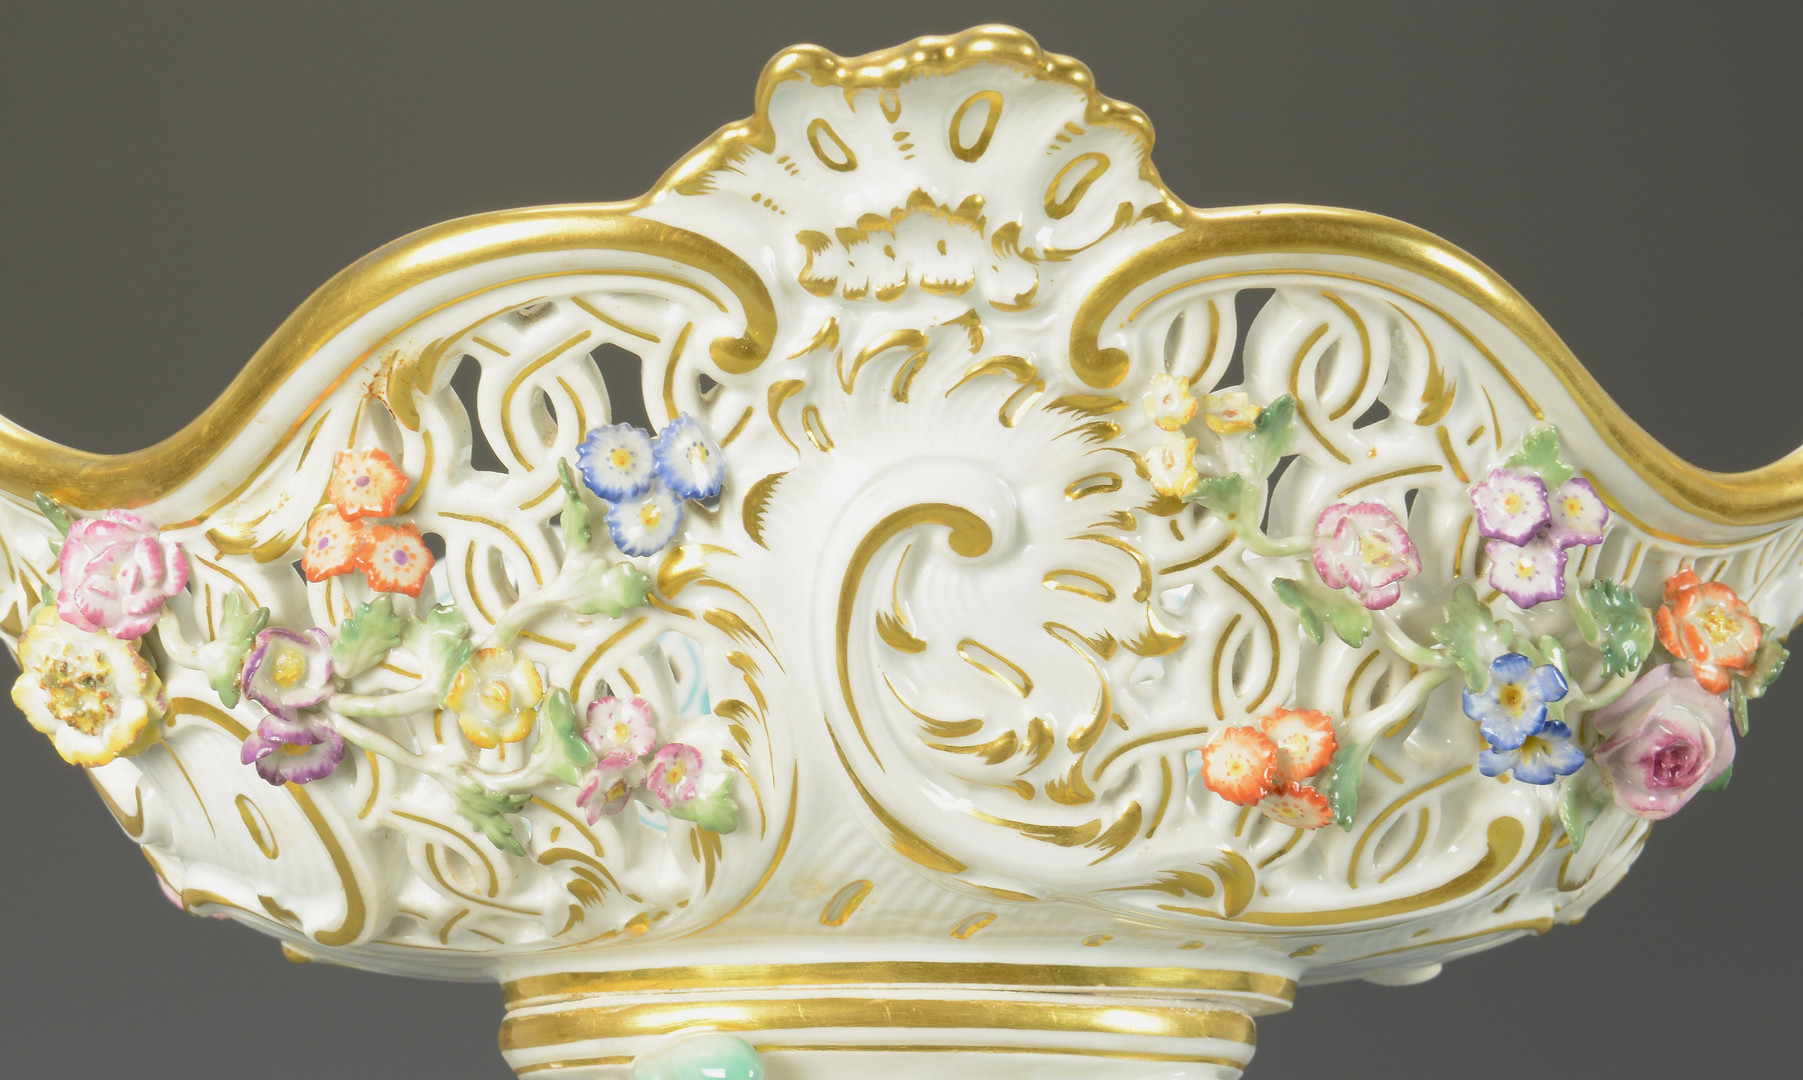 Lot 64: Large Meissen Centerpiece